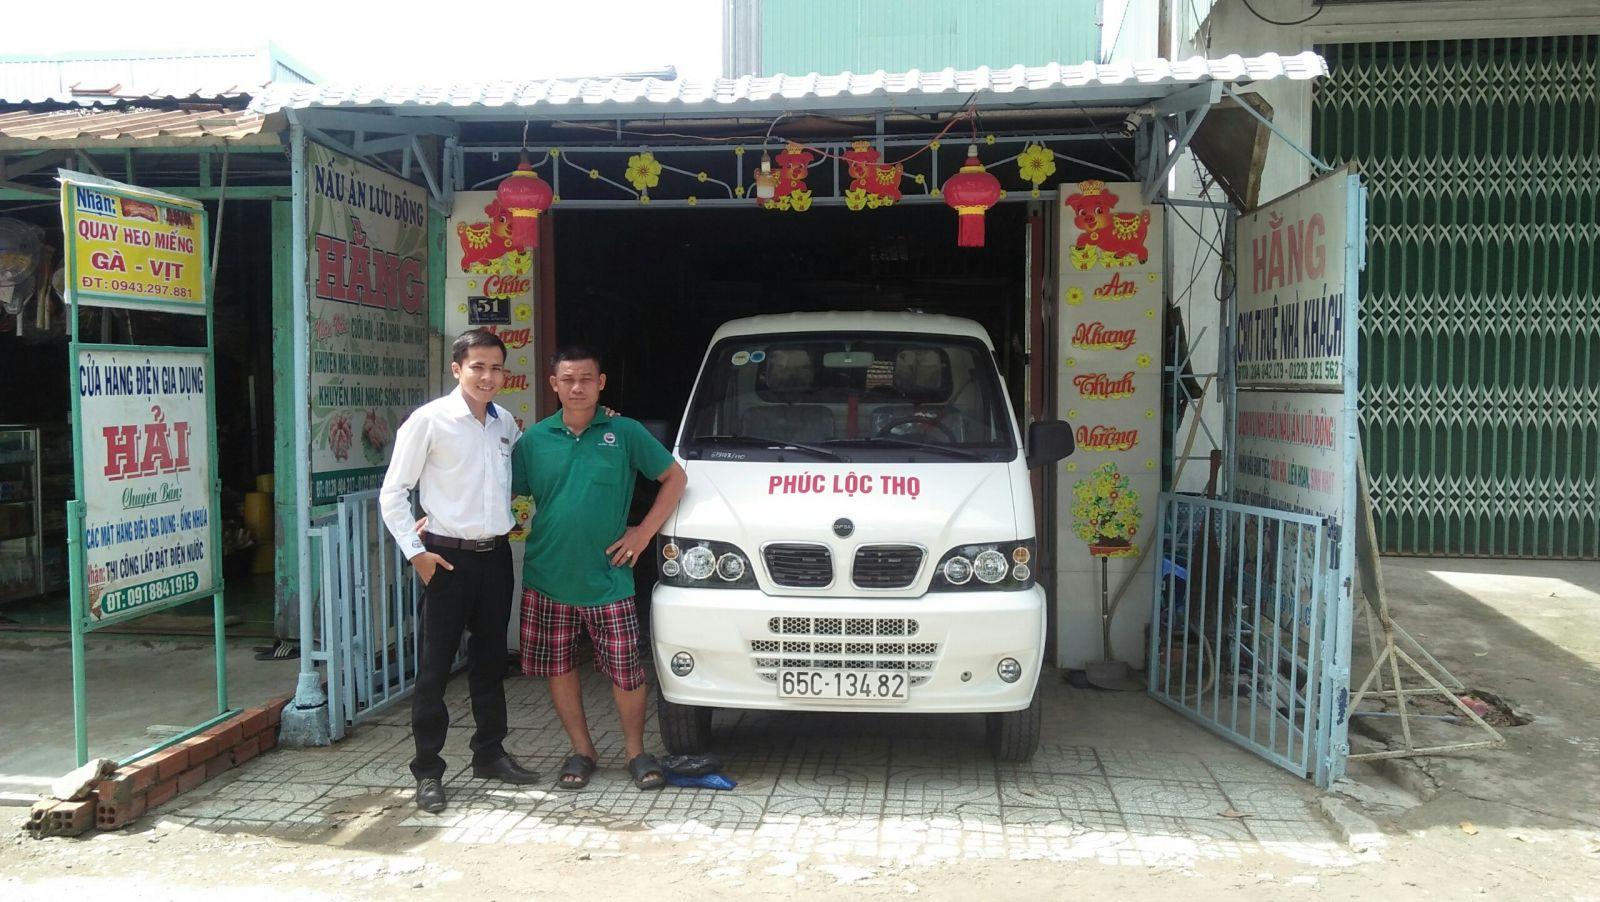 Anh Hải với nhu cầu mua xe tải nhẹ nên đã quyết định chọn mua xe tải Hyundai DF tại đại lý Hyundai Miền Nam